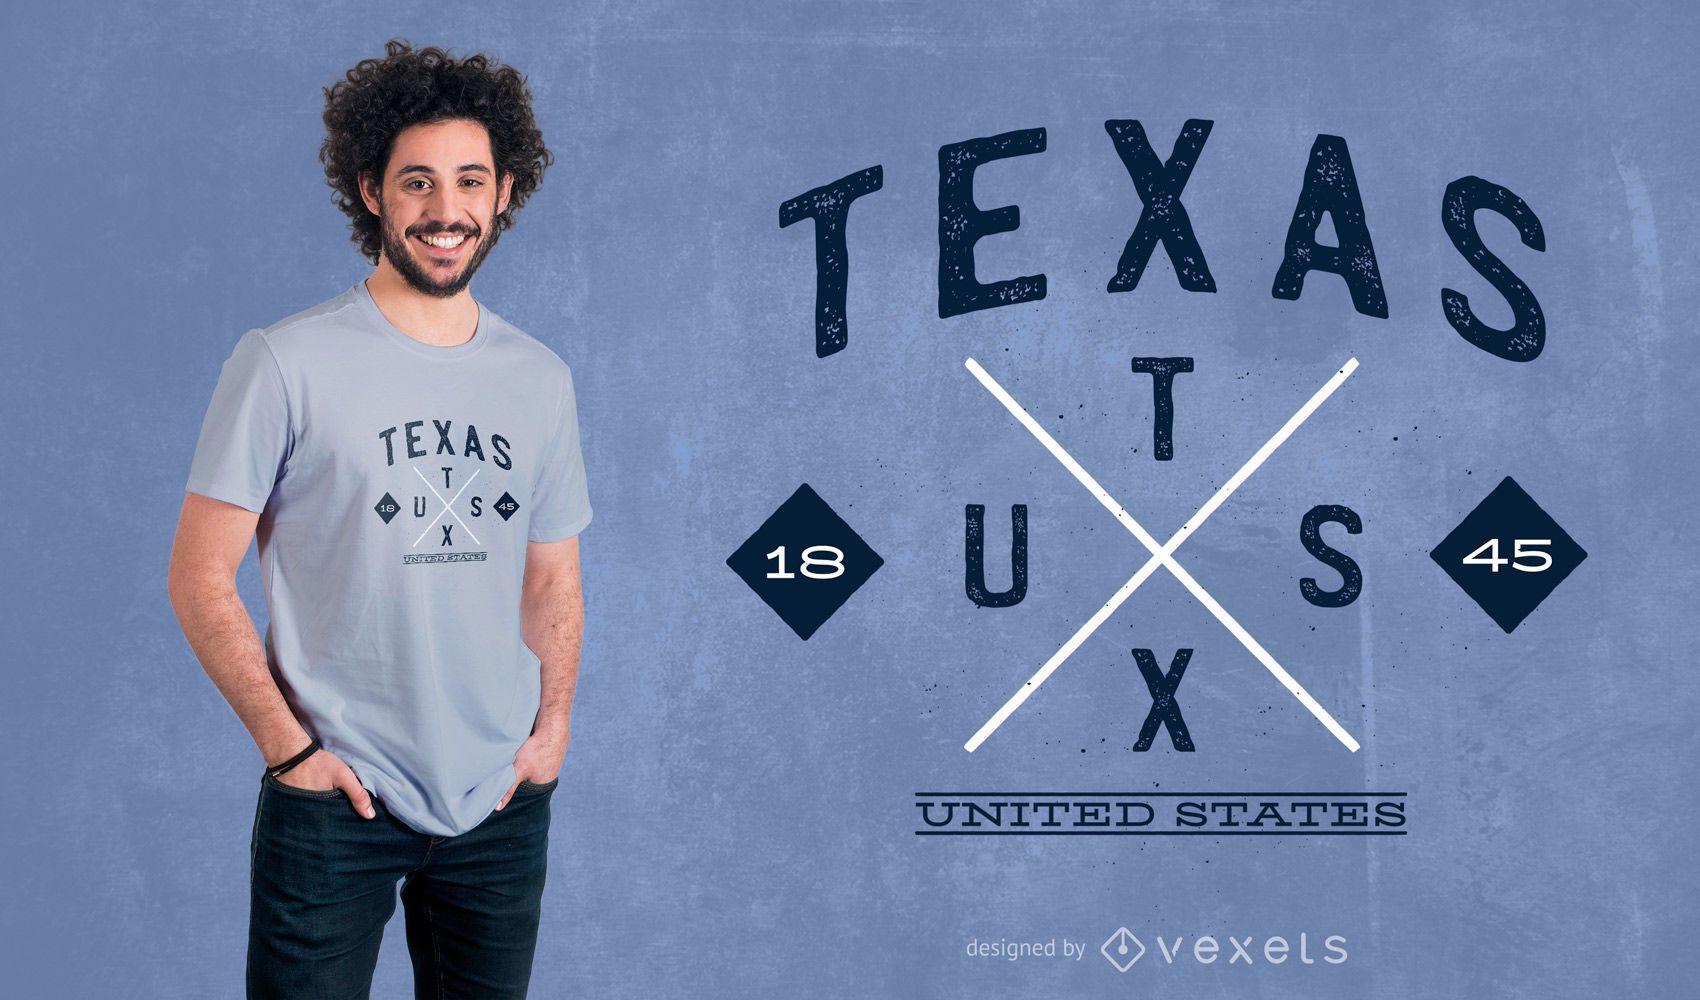 Texas Hipster T-shirt Design